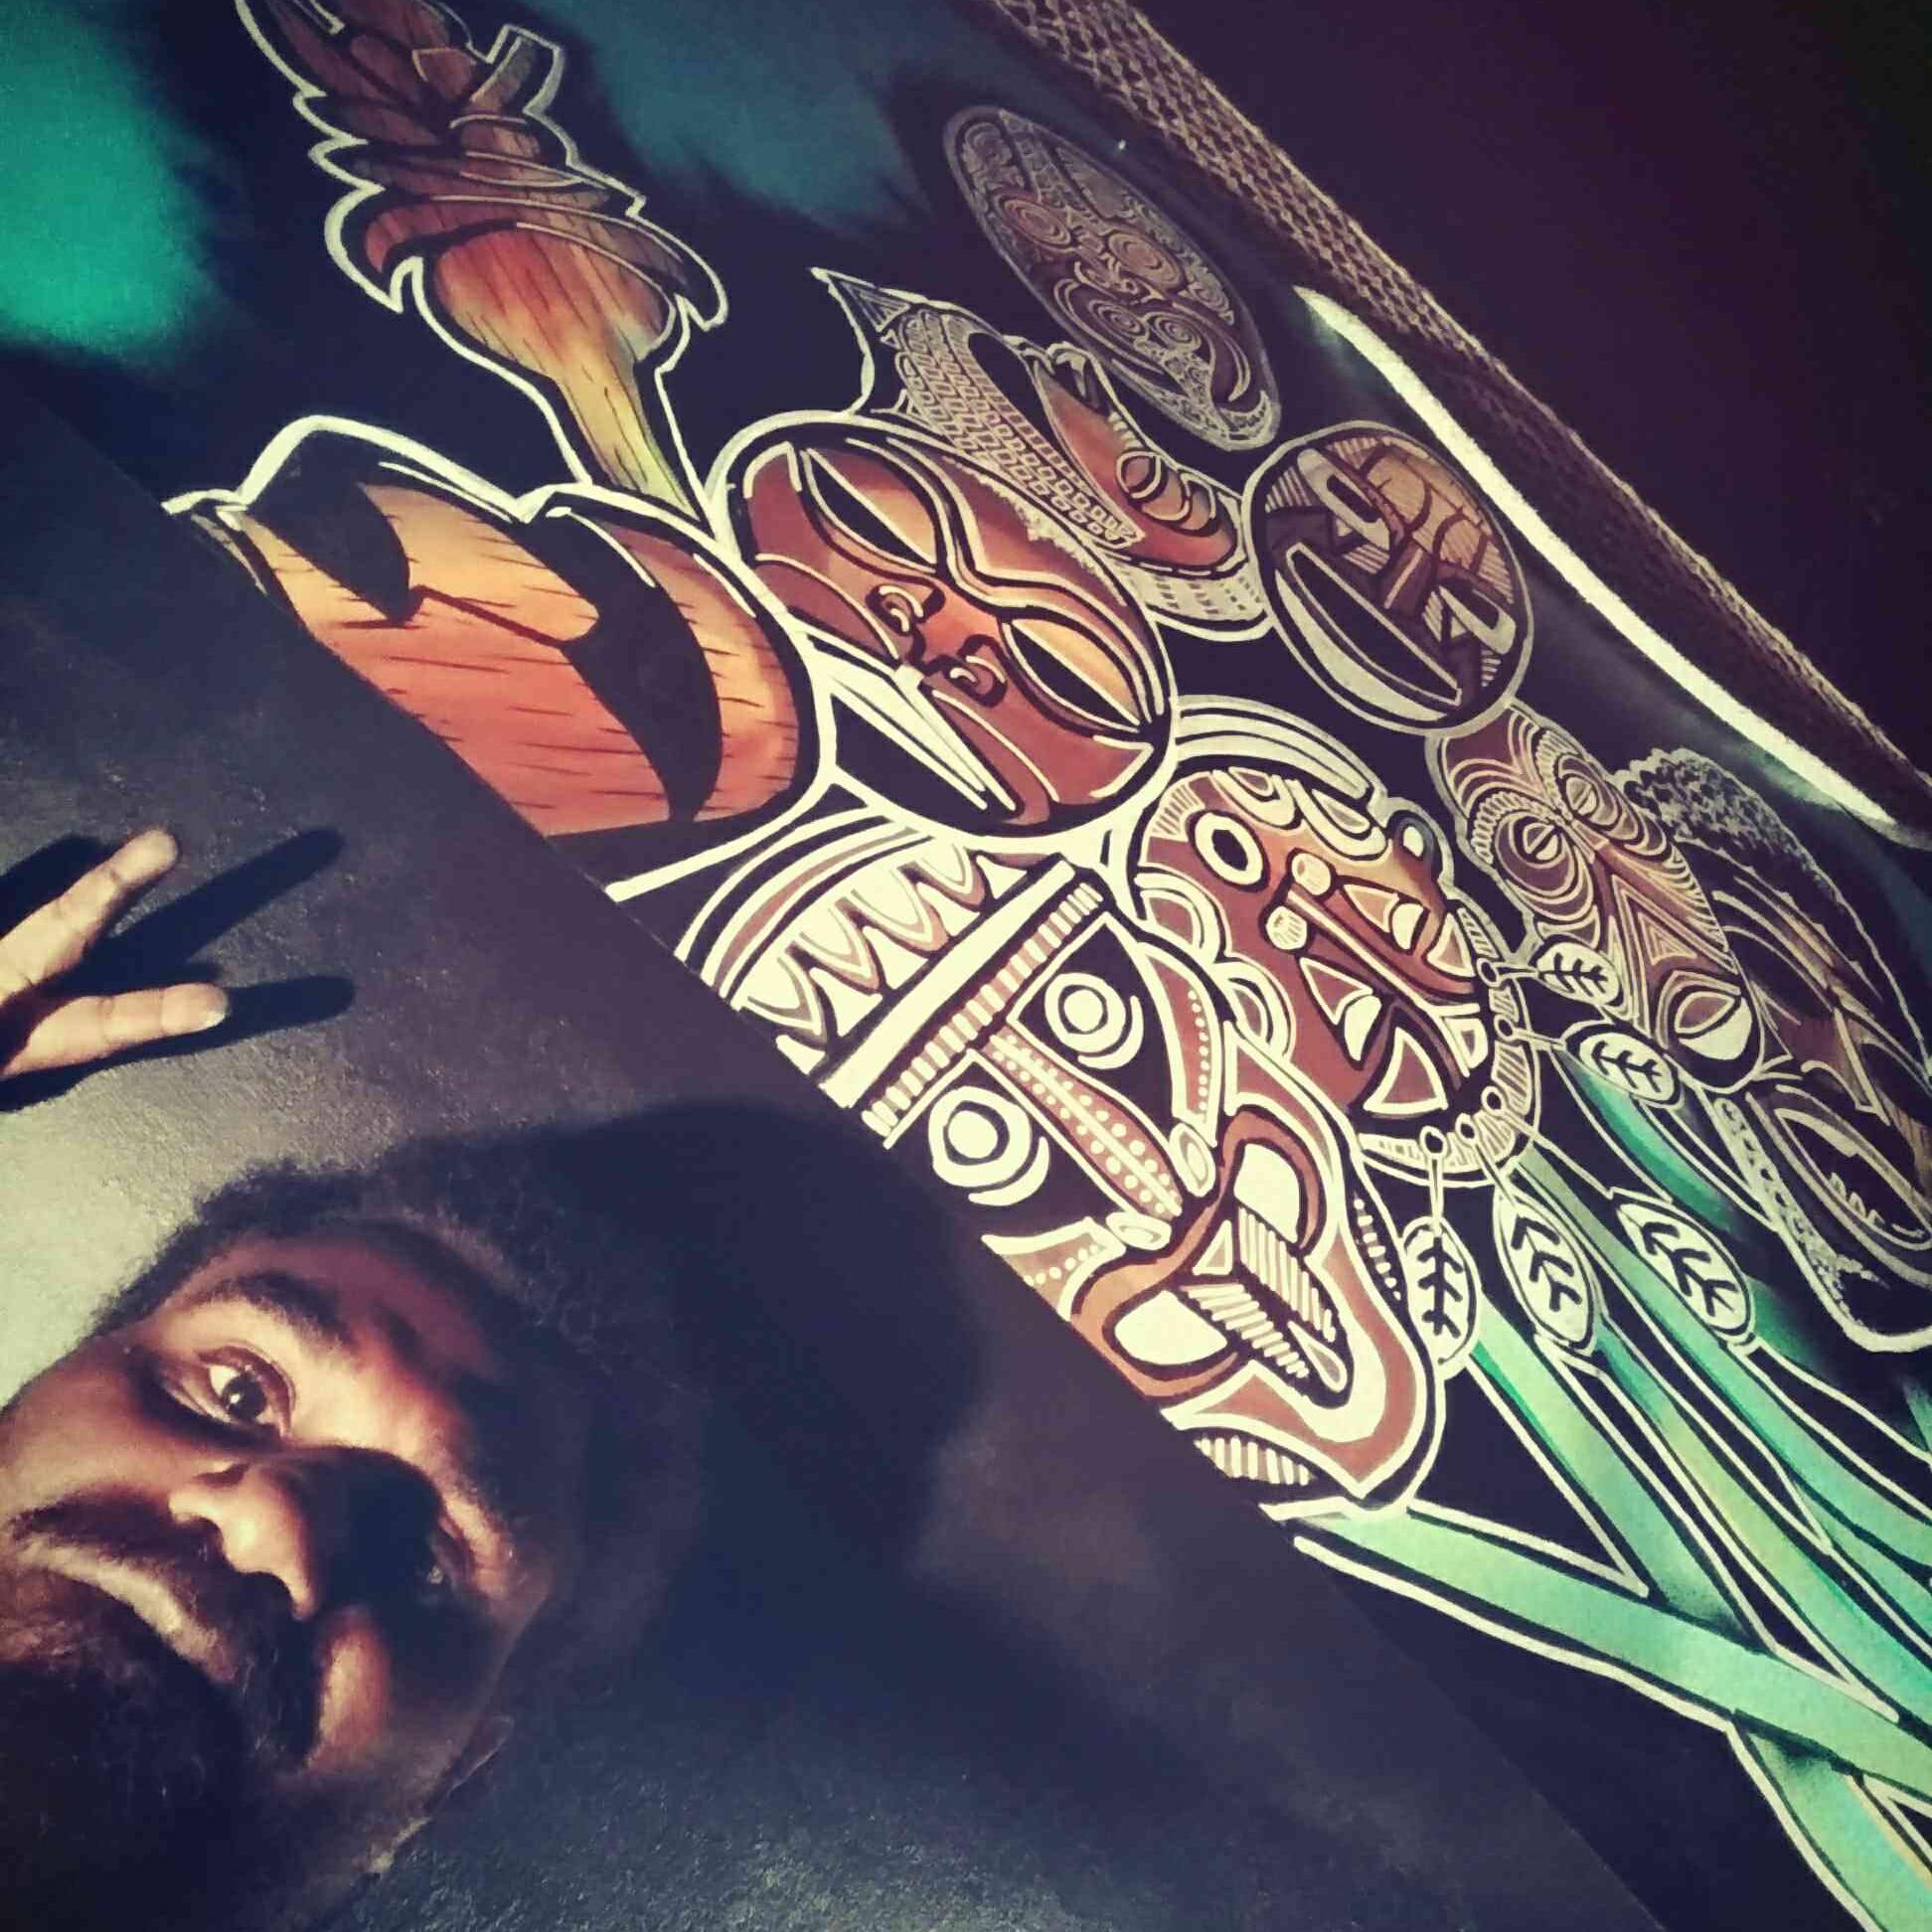 Will Nerho   Wilfried Nehro de son nom en langue A'jië, Bëvia Nô Nörö. Ce nom lui a était donné par son grand-père et veut dire : « Attache la parole du tonnerre » en langue A'jië de waa wi luu, dont il est originaire. Etant artiste plasticien il aborde mieux le domaine du dessin et du graphisme. Parfois il s'exprime en tant que graffeur et sur tous supports. Musicien, compositeur et interprète, dans la musique, iltrouve son inspiration et sa créativité.  Les problèmes de société le touchent beaucoup, c'est la base de son combat artistique ainsi que la jeunesse et la recherche de l'identité artistique propre à son pays.  Il enseigne et intervient en milieu scolaire, mais pratique aussi son art pour des particuliers et les institutions. Il utilise parfois ses compétences pour des collaborations avec d'autres artistes.